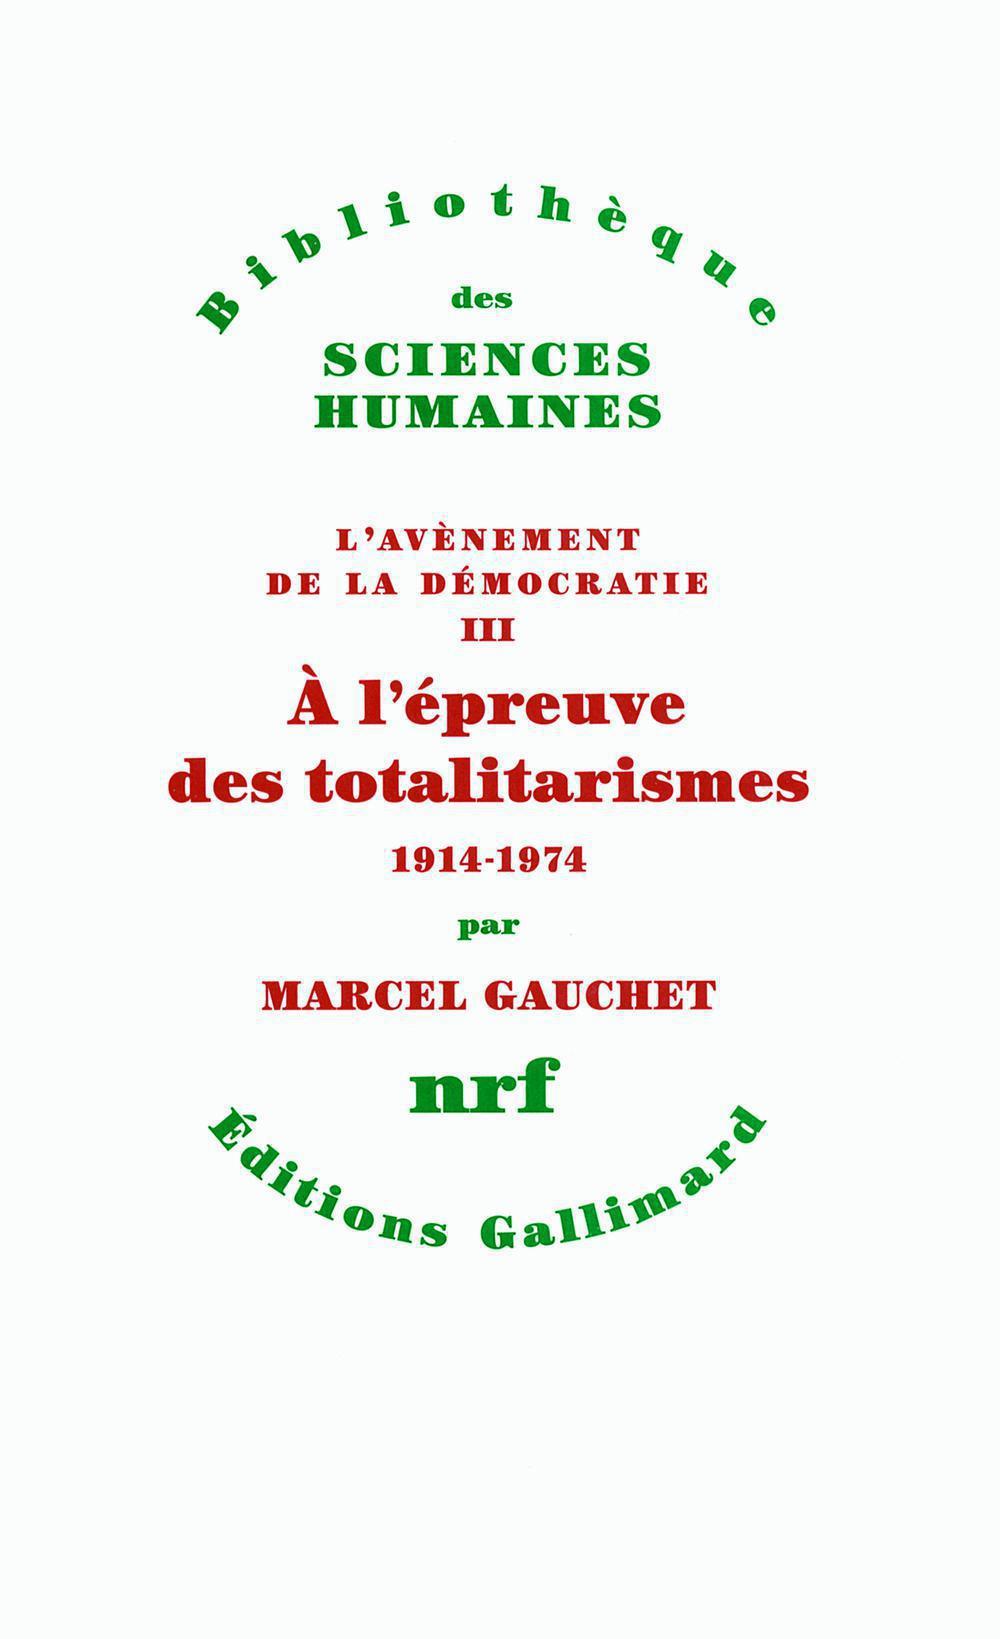 L'avènement de la démocratie (Tome 3) - A l'épreuve des totalitarismes (1914-1974)